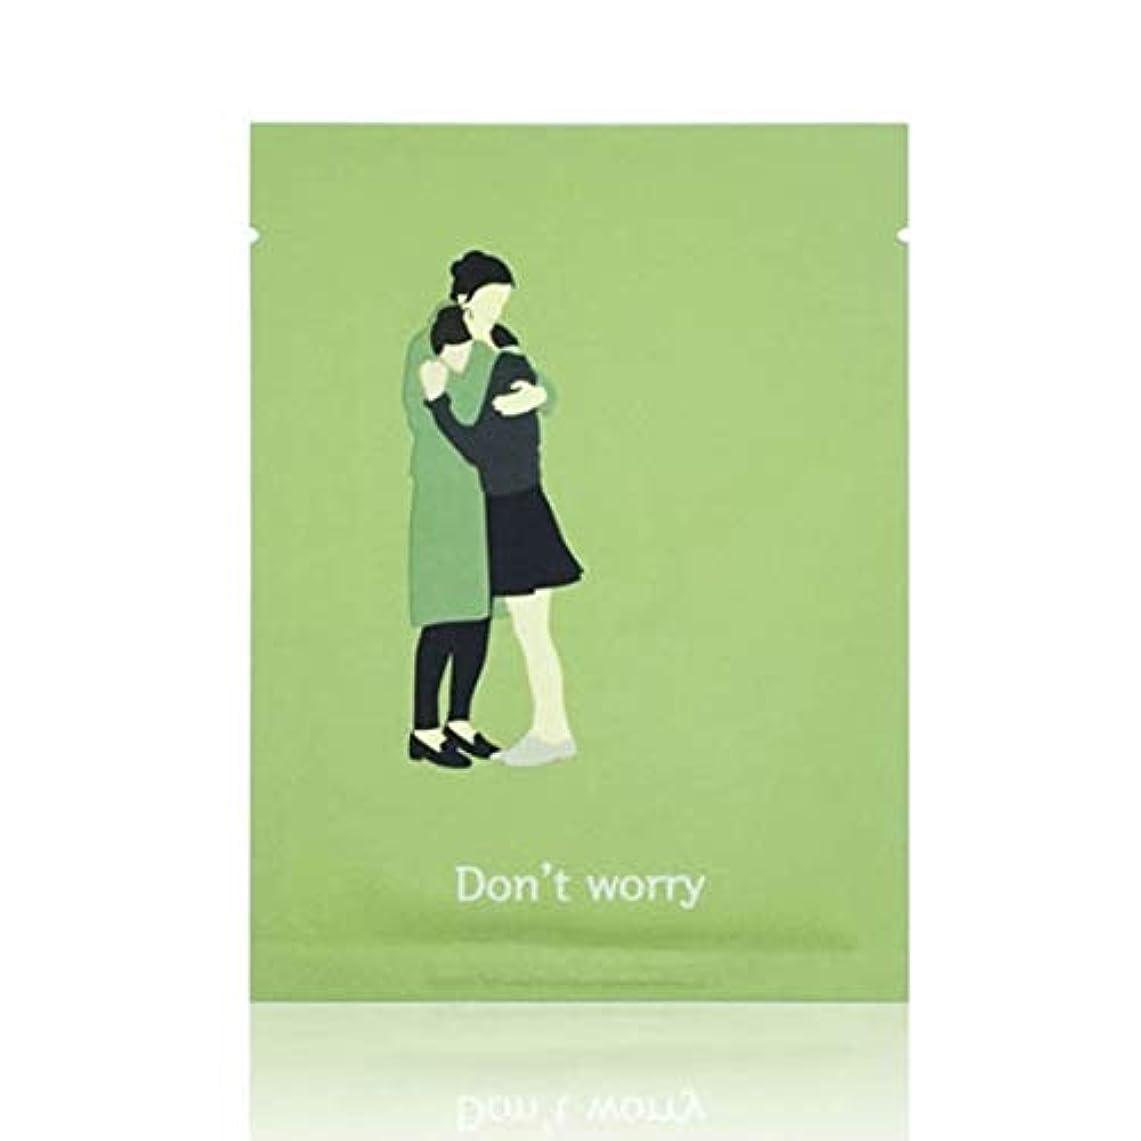 トレース補体価値のない【PACKAGE】Don't Worry Healing Mask 10ea ヒーリング?スージングマスクパック(10枚入り)韓国 美白 セット 顔 保湿 モイスト ランキング シート 毎日 おすすめ